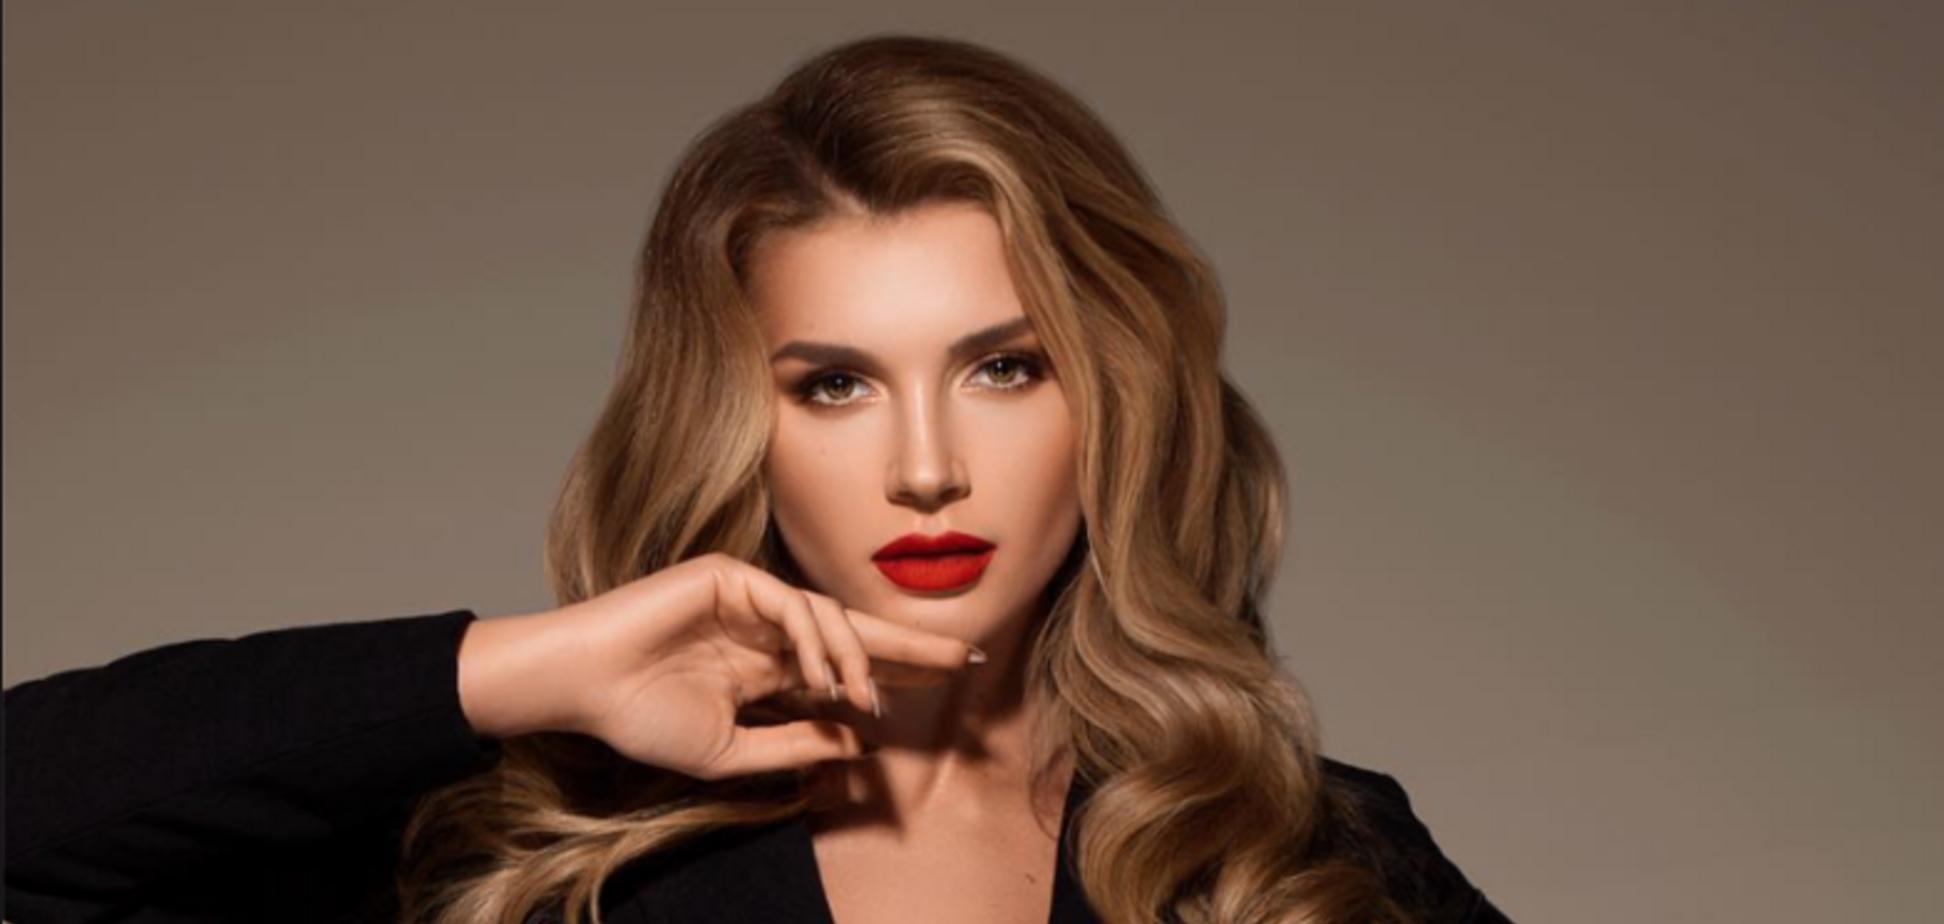 Екс-учасниця 'ВІА Гри' знялася оголеною для чоловічого глянцю: гарячі фото